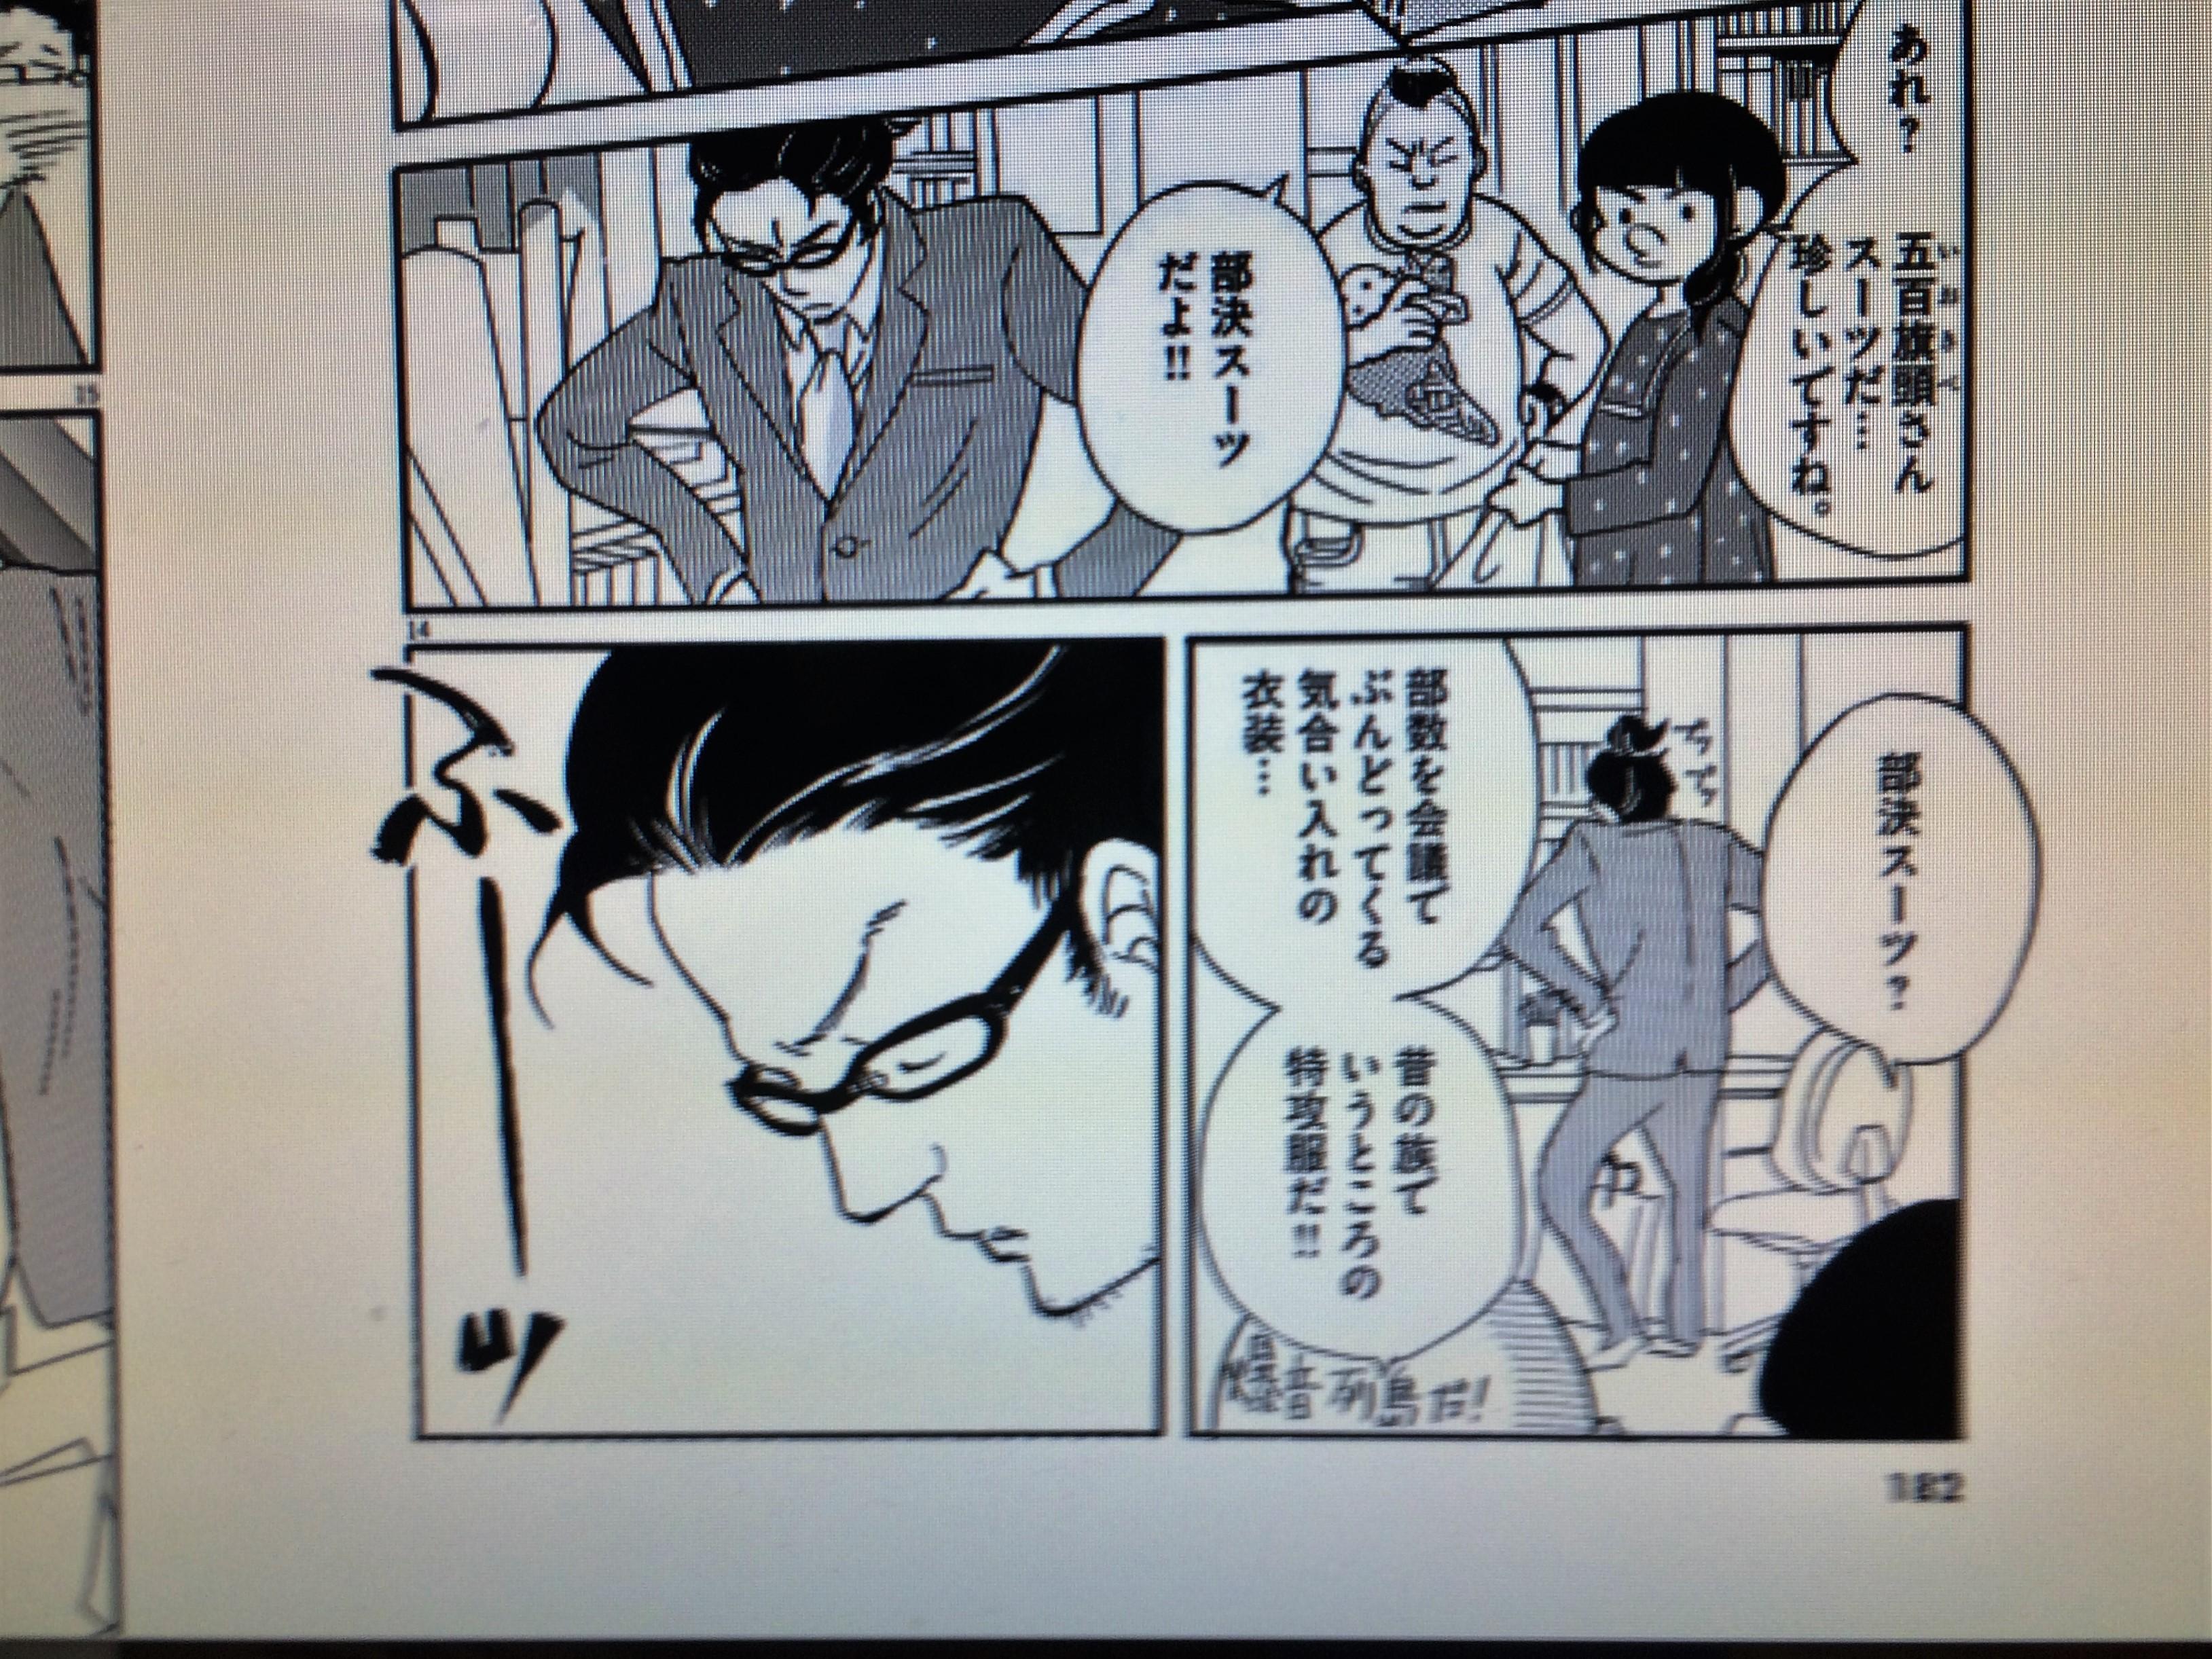 出典:小学館『重版出来!』 著・松田奈緒子